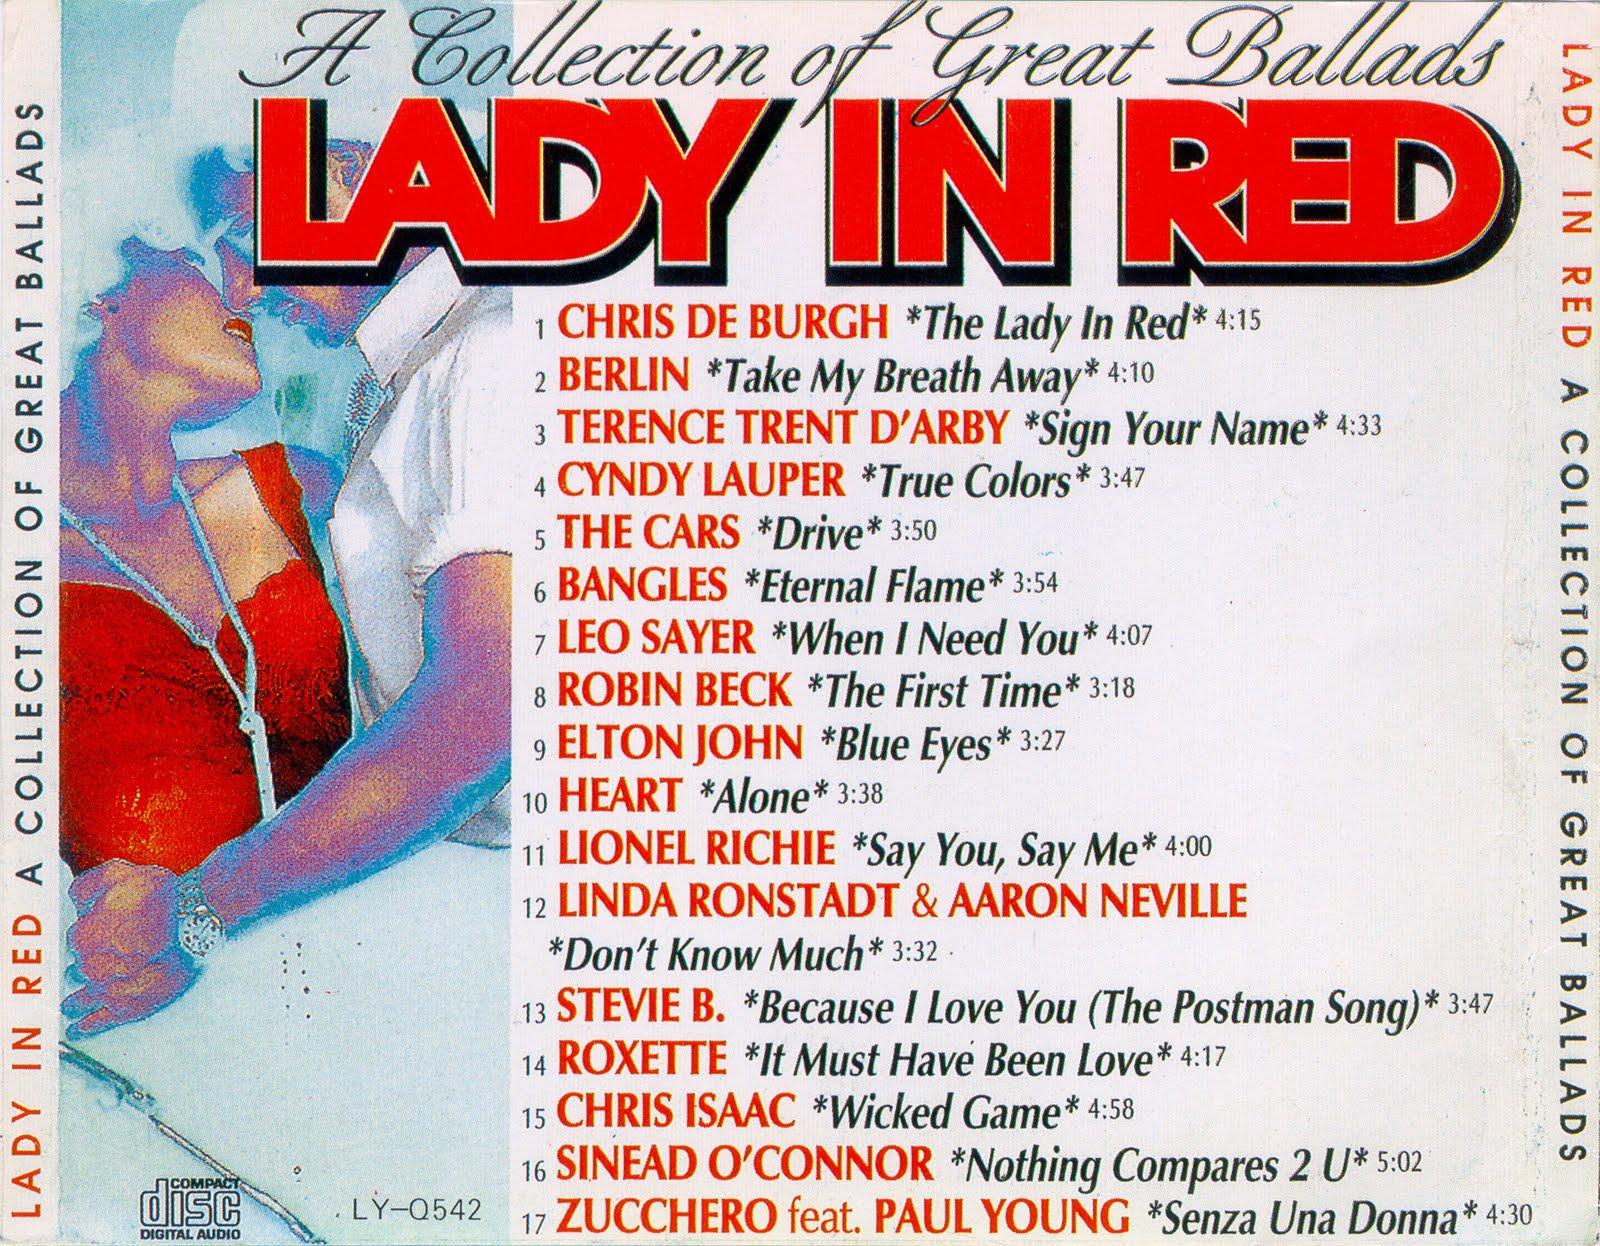 http://2.bp.blogspot.com/_fVRbo_Y20EA/THnXW41TfUI/AAAAAAAABO4/KaHVb7BkDOk/s1600/Lady+in+Red+-+back.jpg